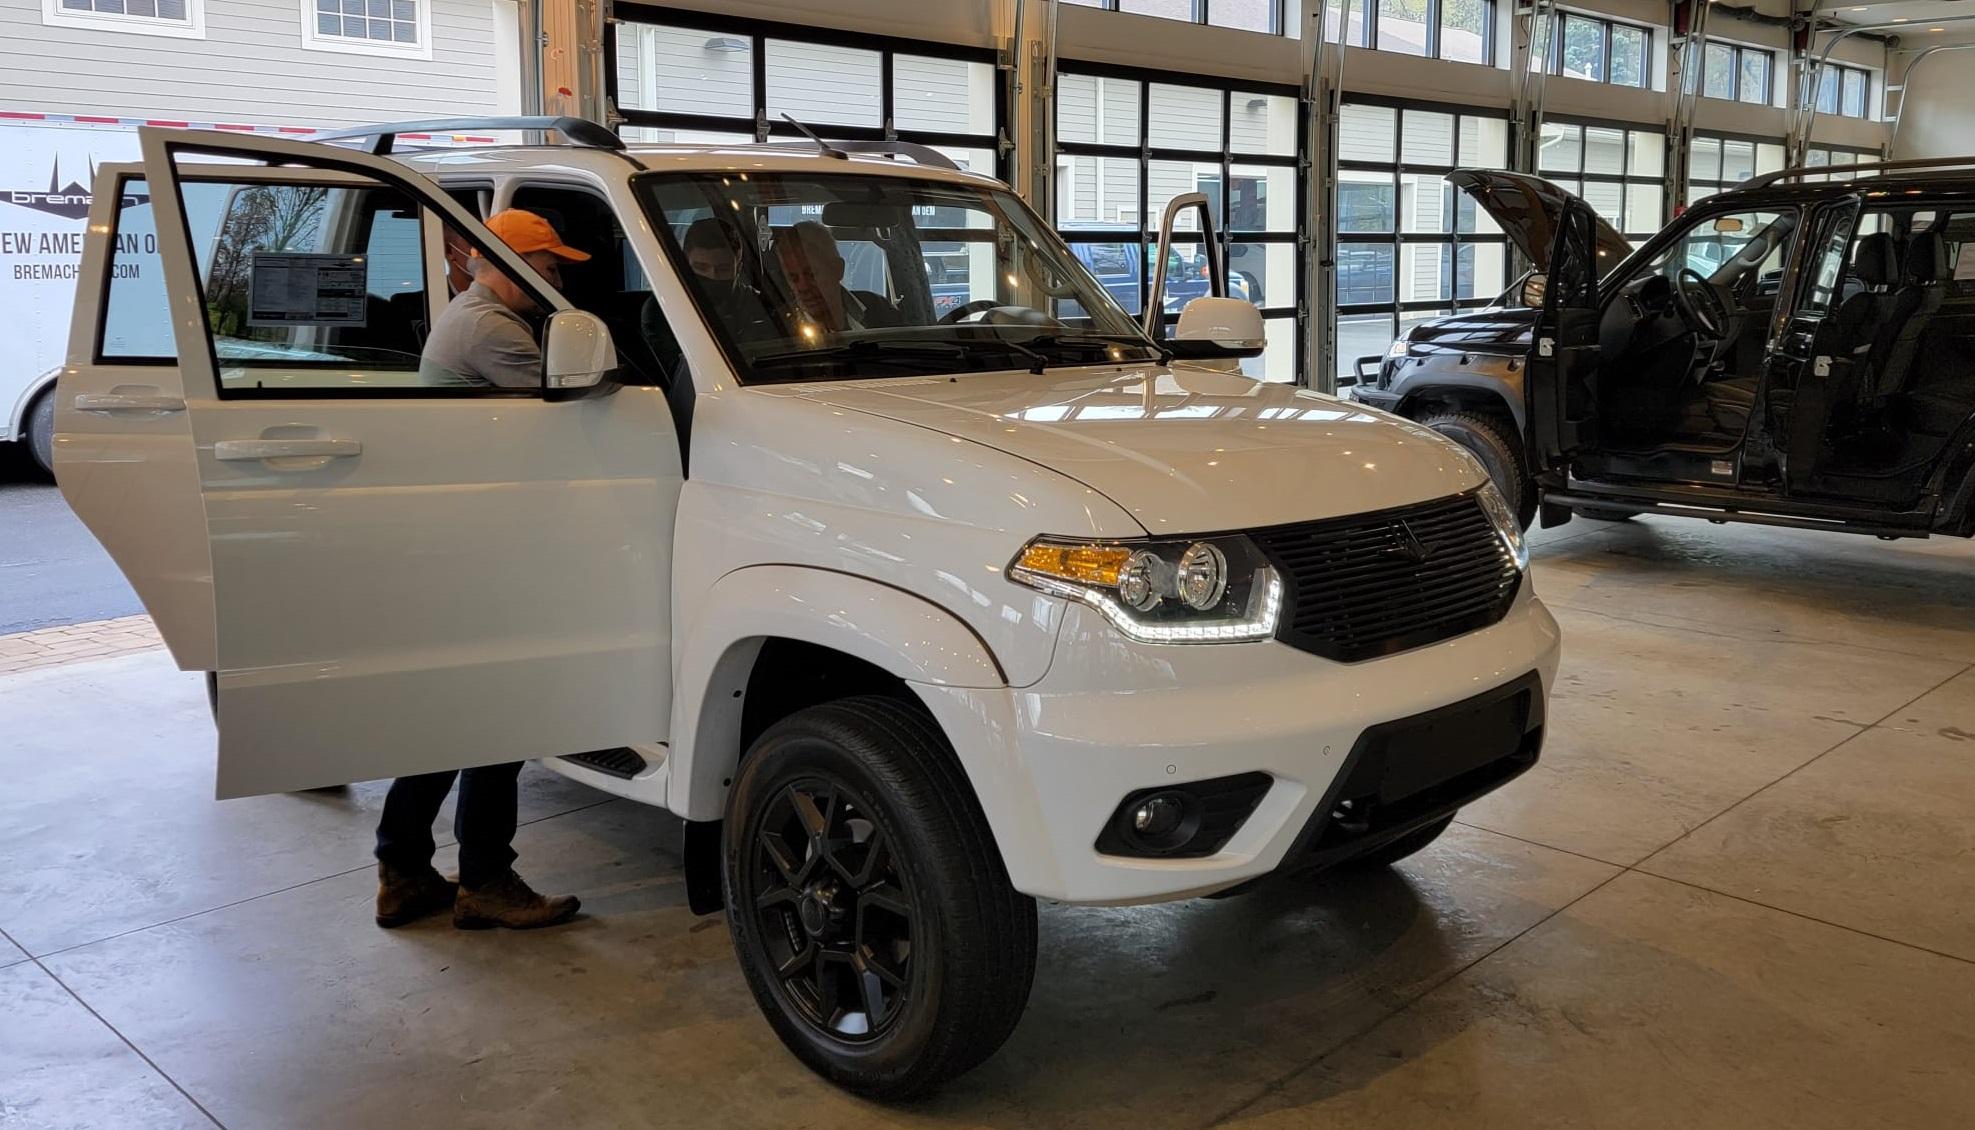 Stock white 2022 Bremach SUV